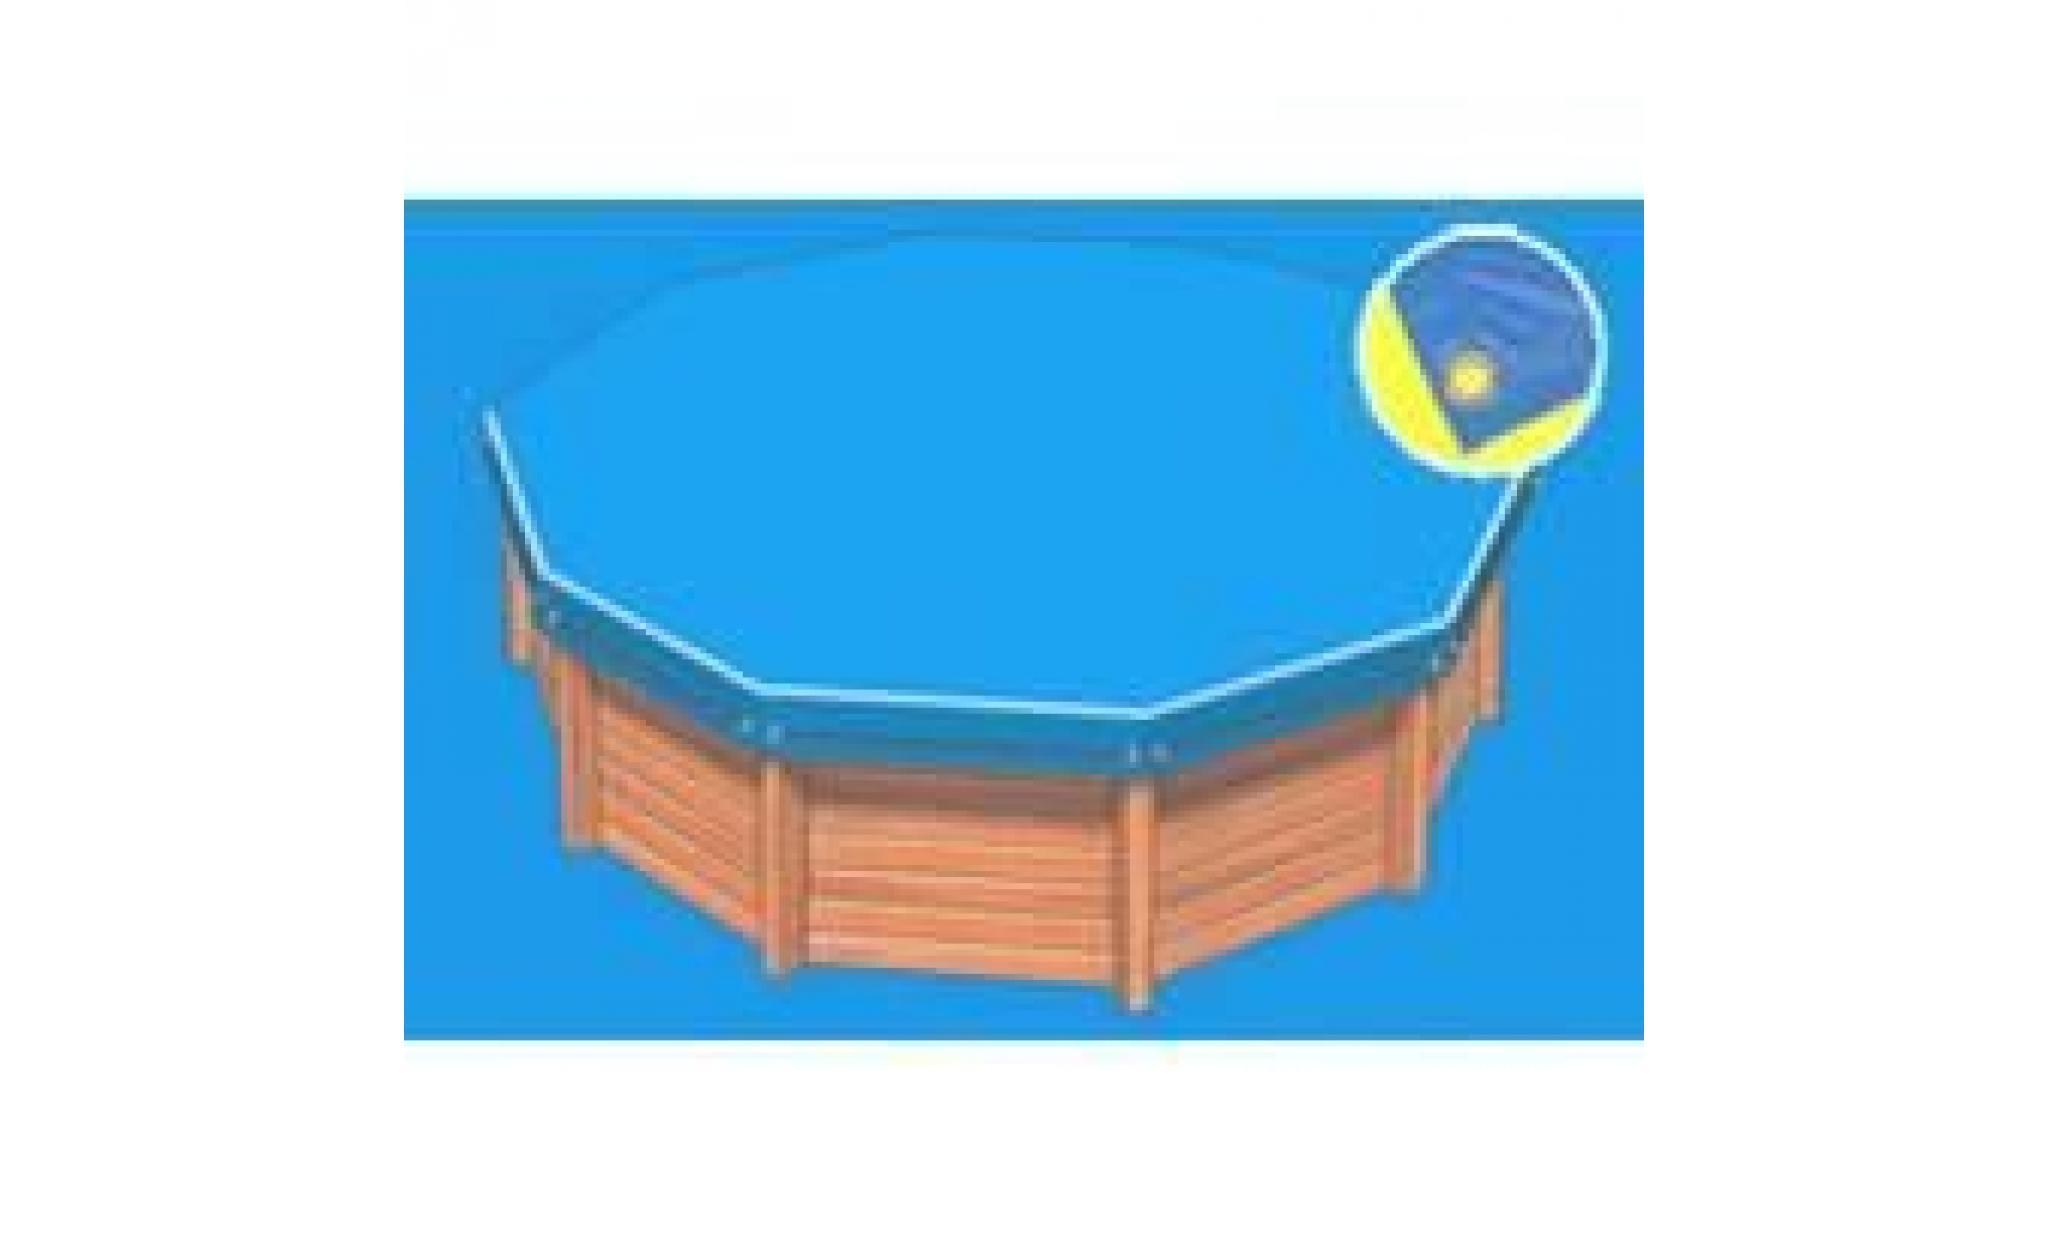 B che hiver luxe bleue pour piscine cristaline achat for Bache pour bassin pas cher